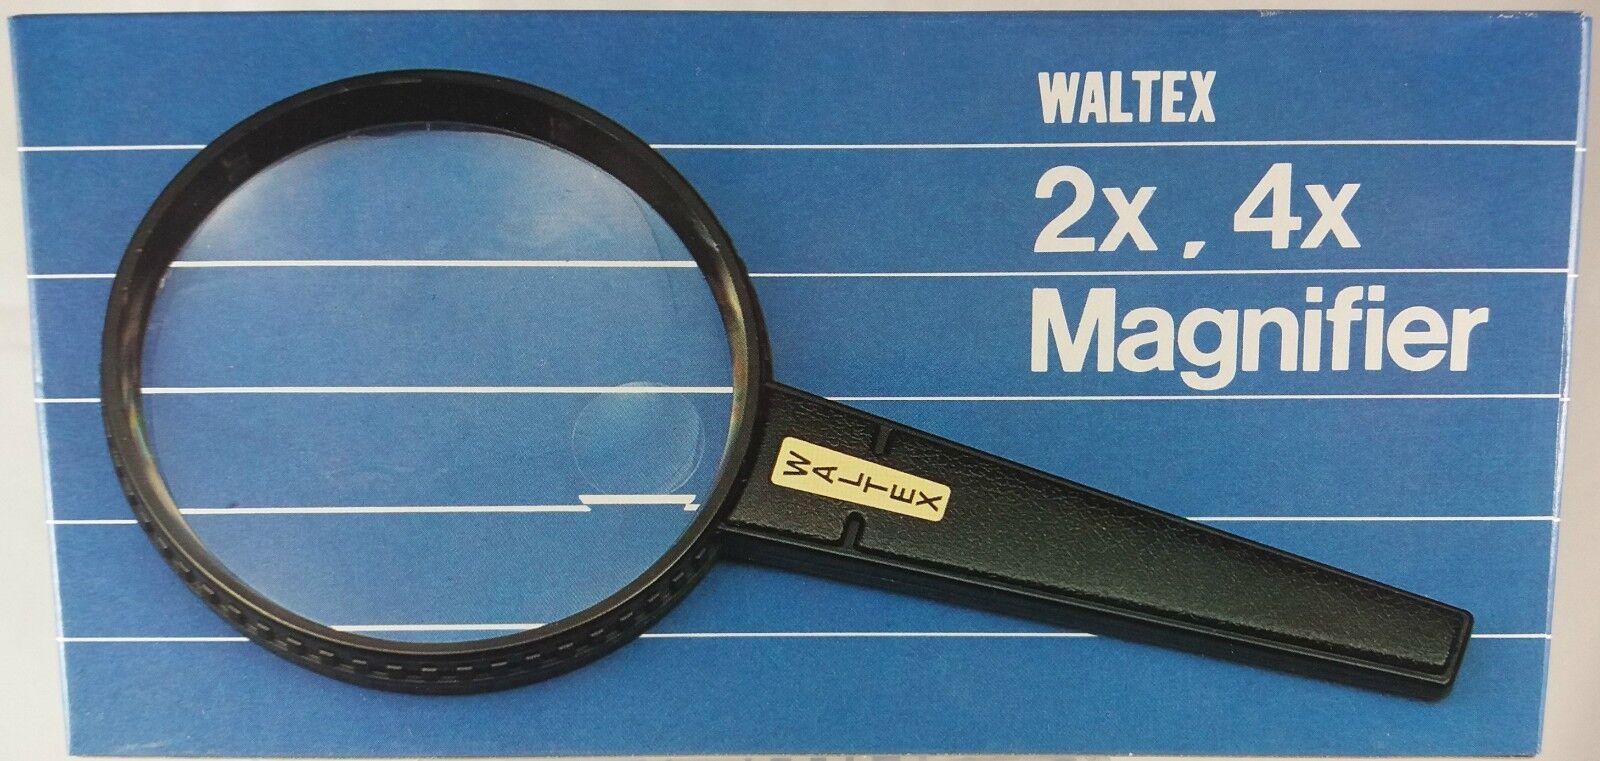 Waltex, Rond Vergrootglas Dubbele Focus, vergroting van 2x en 4x (VG05)